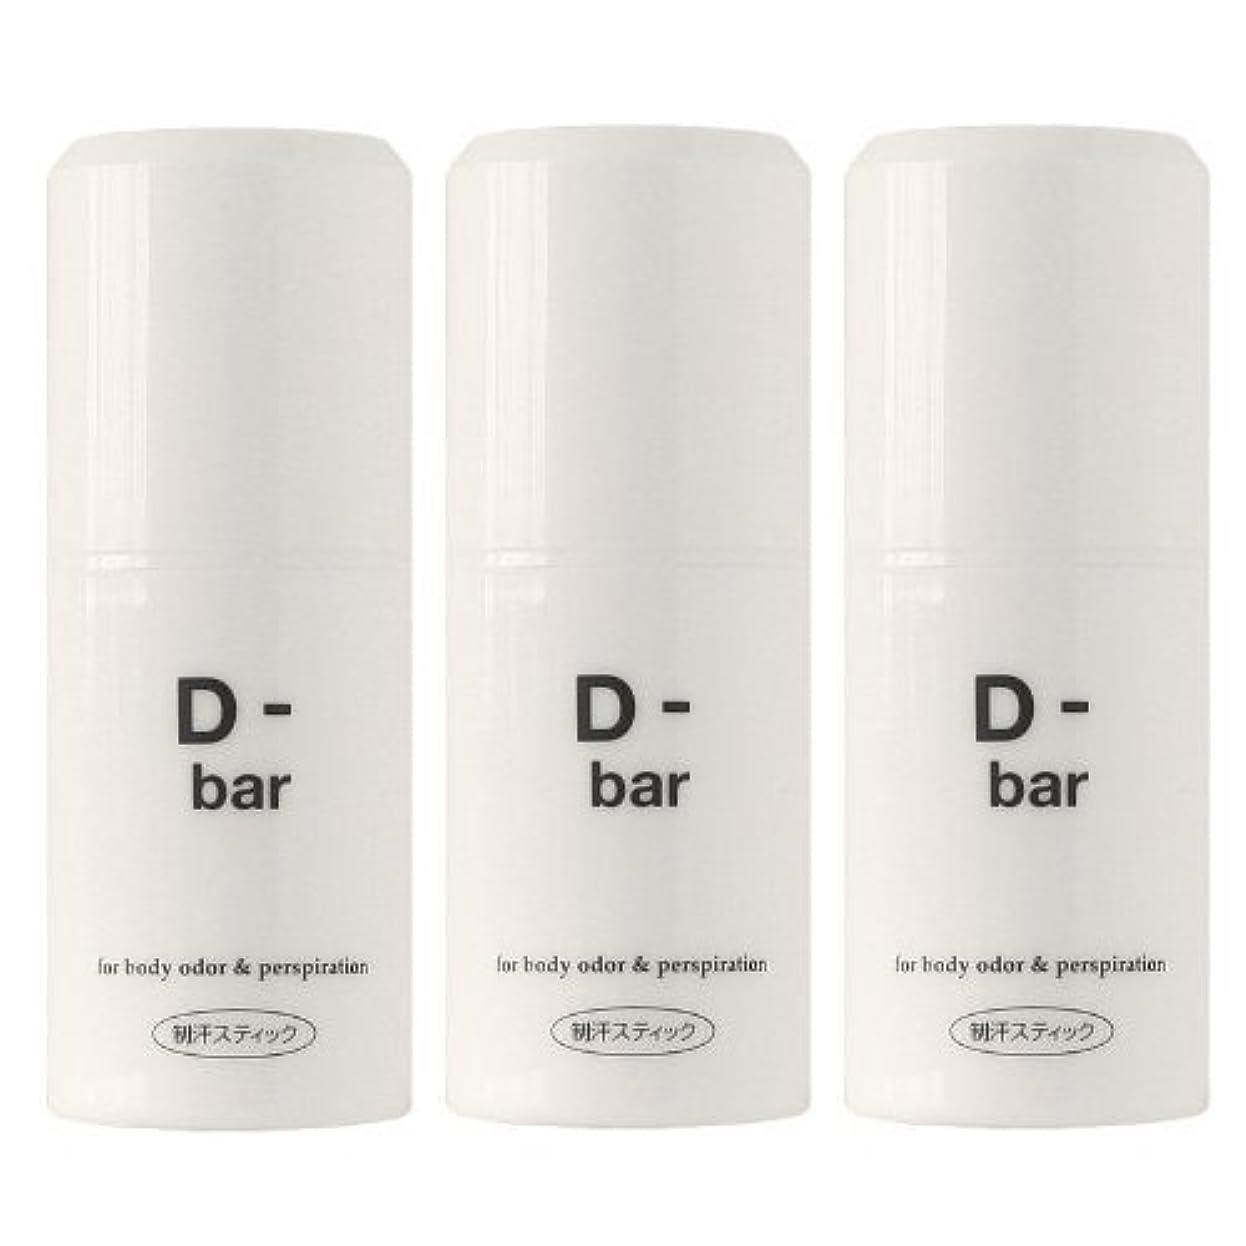 霧深い水平影ディーバー(D-bar) 3本セット